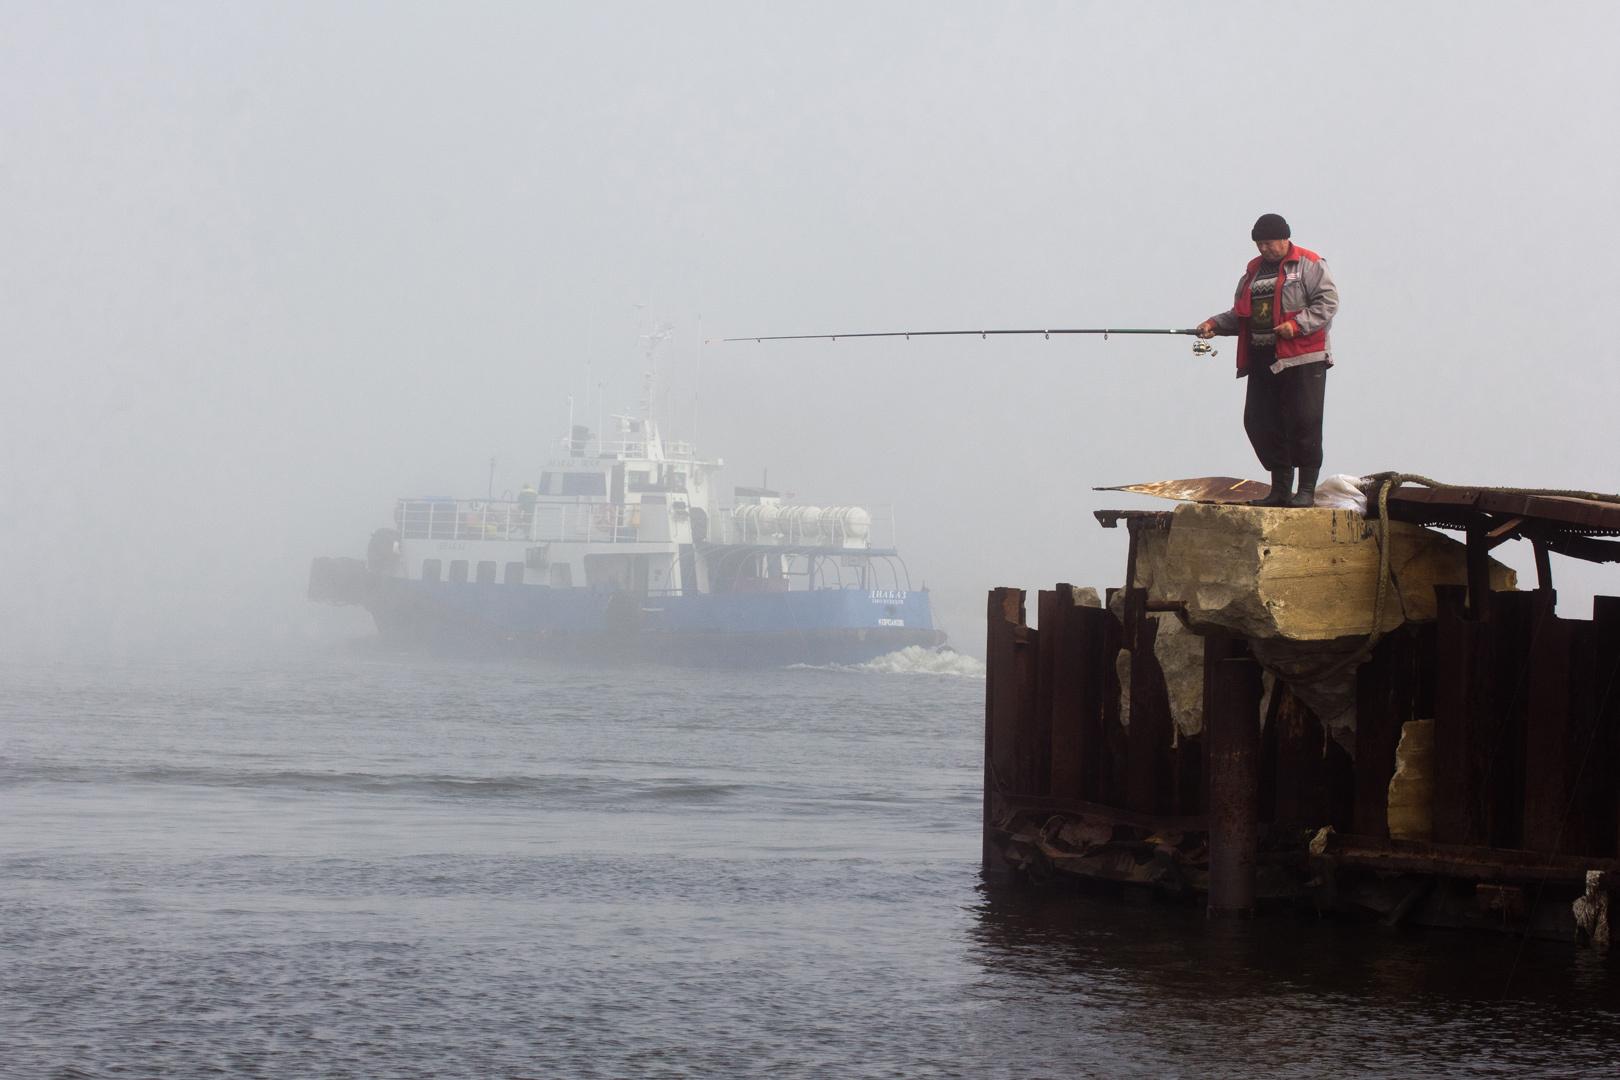 По прогнозам Росрыболовства к 2020 году в сегменте крупнотоннажных судов может останется только половина. Ловить рыбу будет некому.